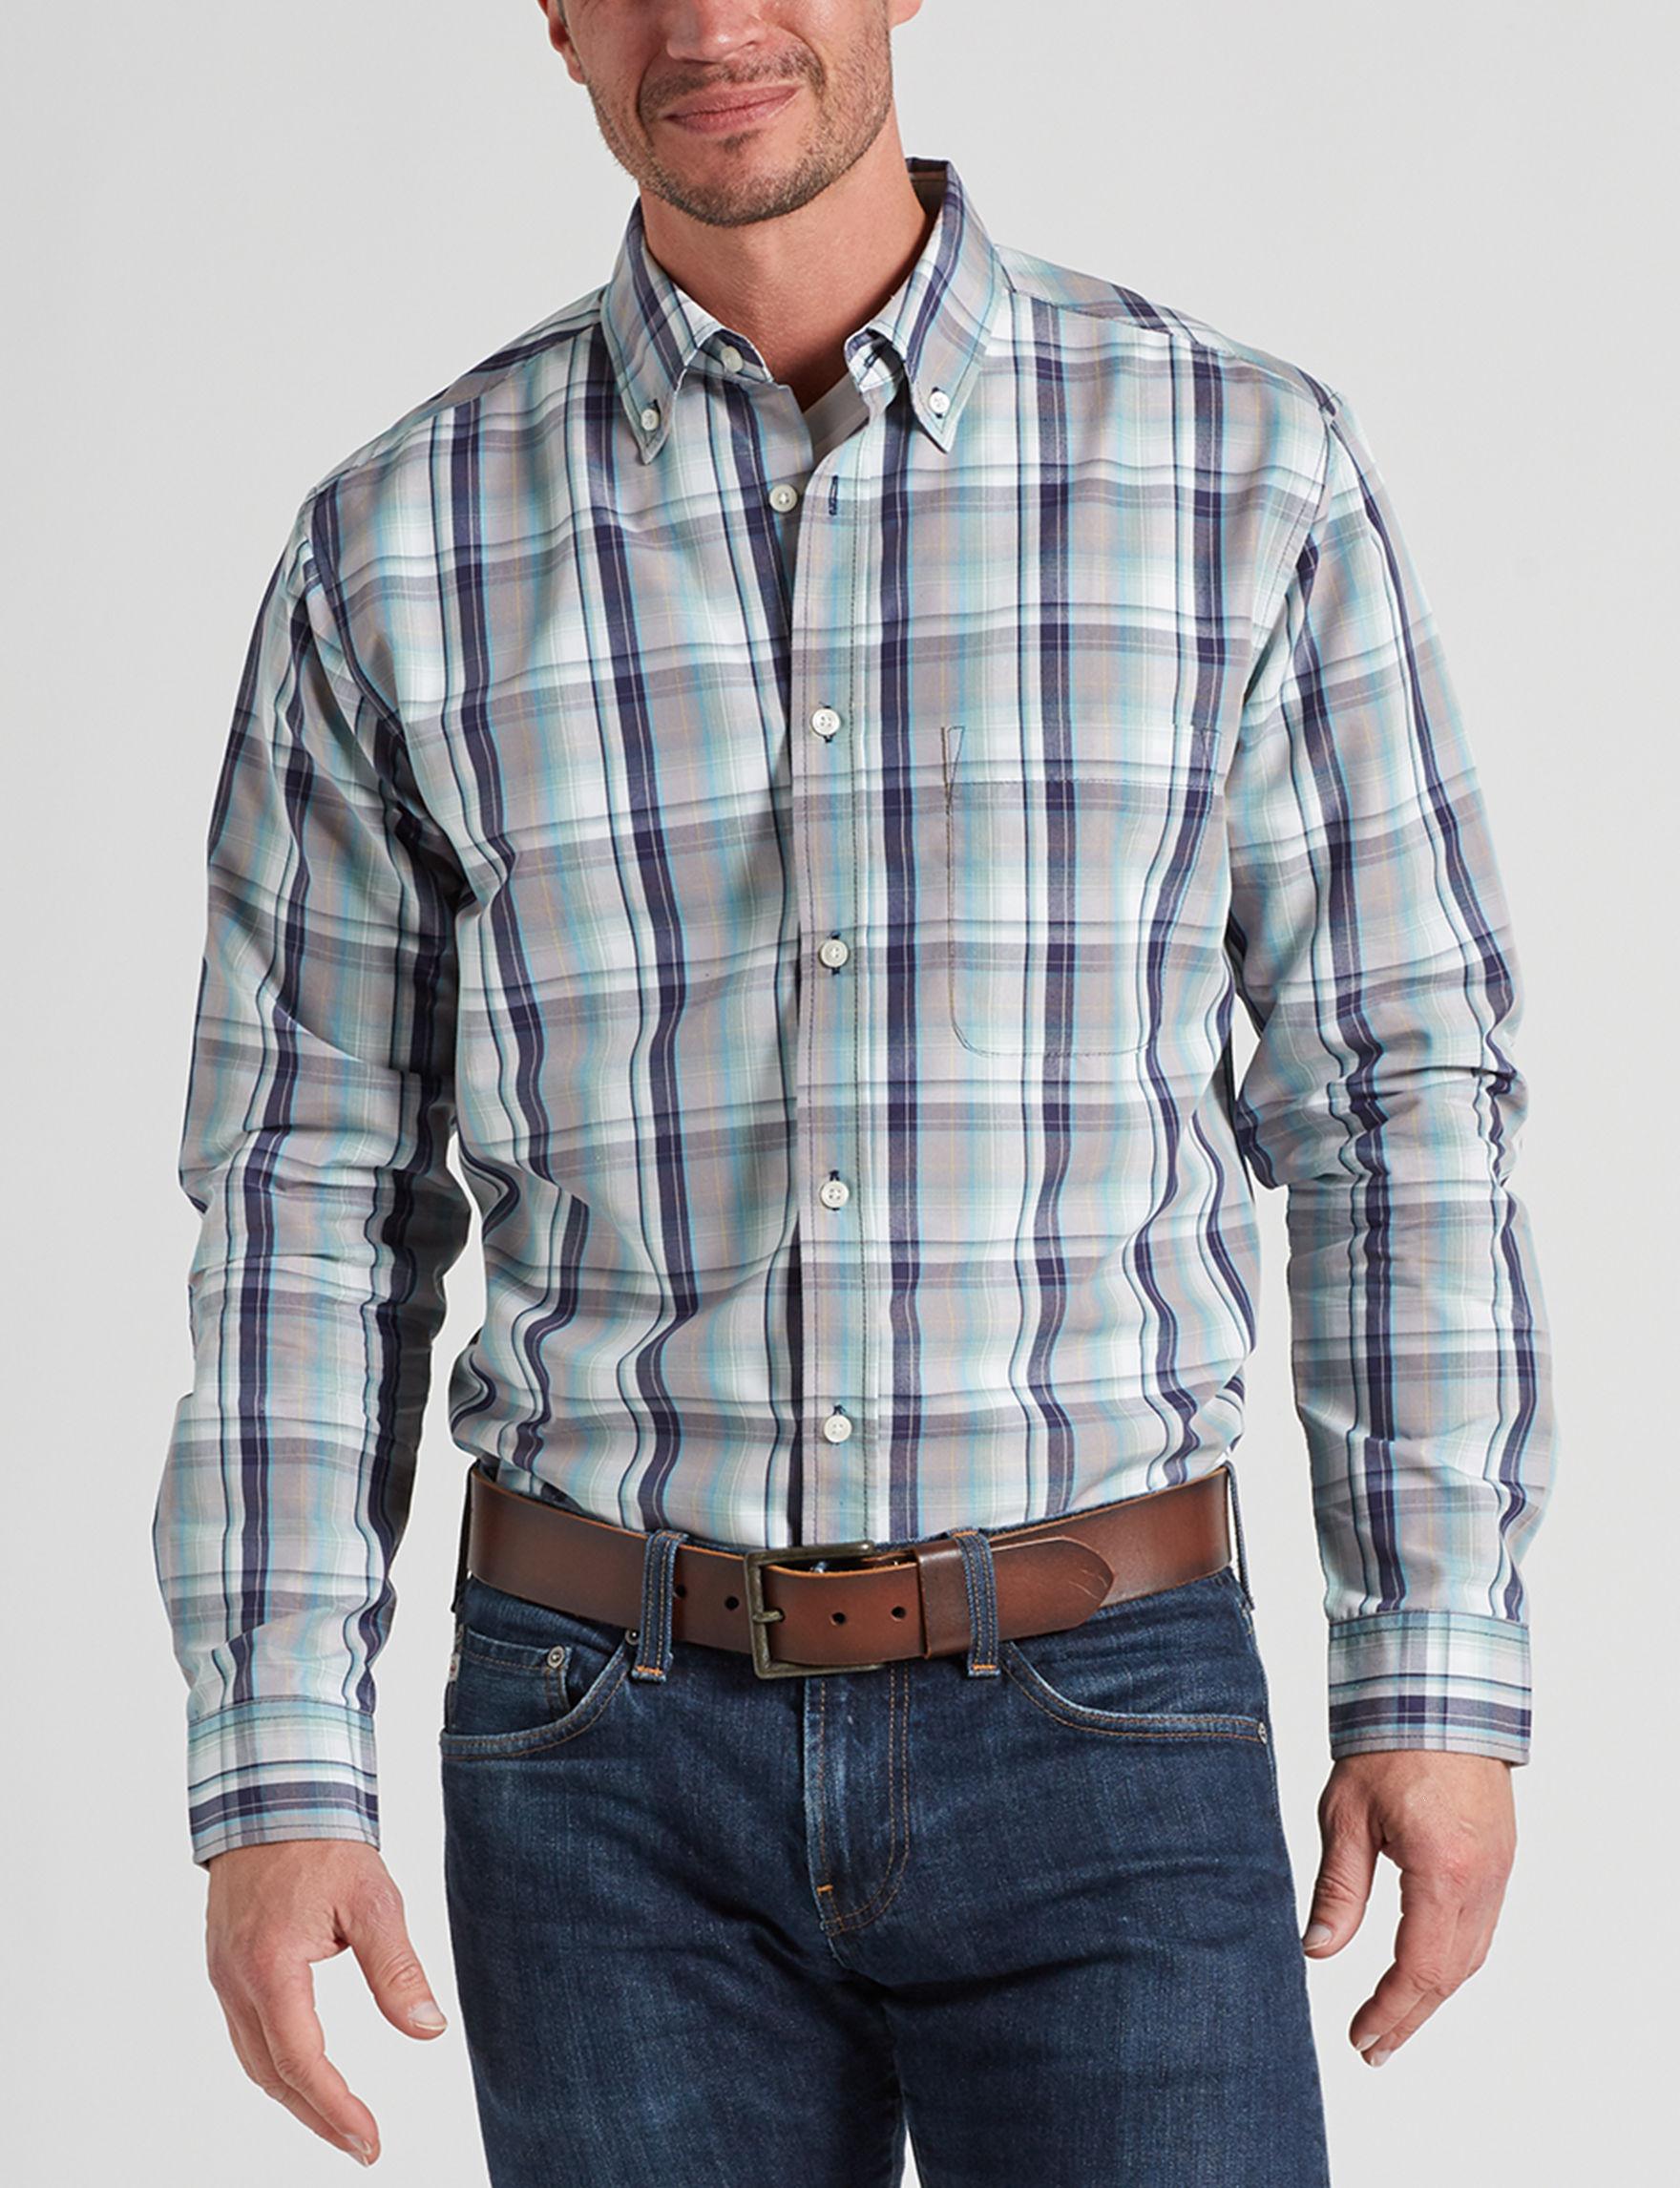 Sun River Indigo Plaid Casual Button Down Shirts